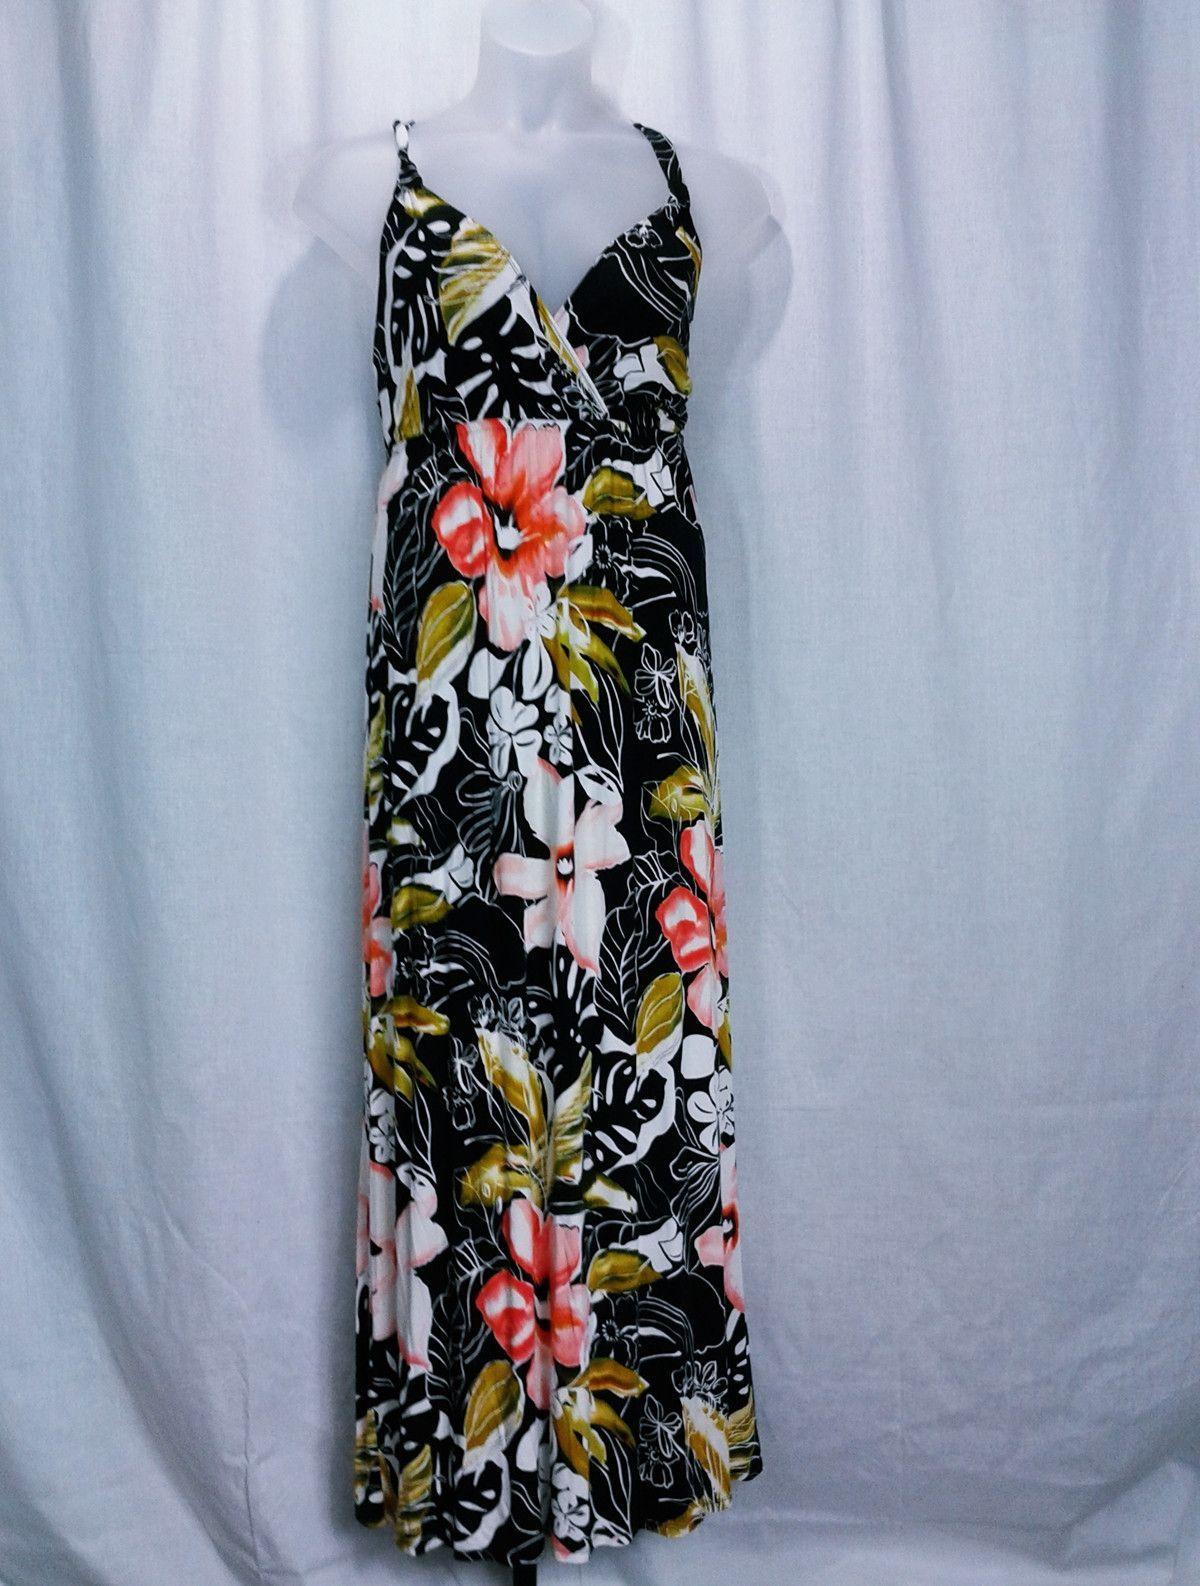 Lane Bryant Tropical Print Jersey Knit Maxi Dress Size 14/16